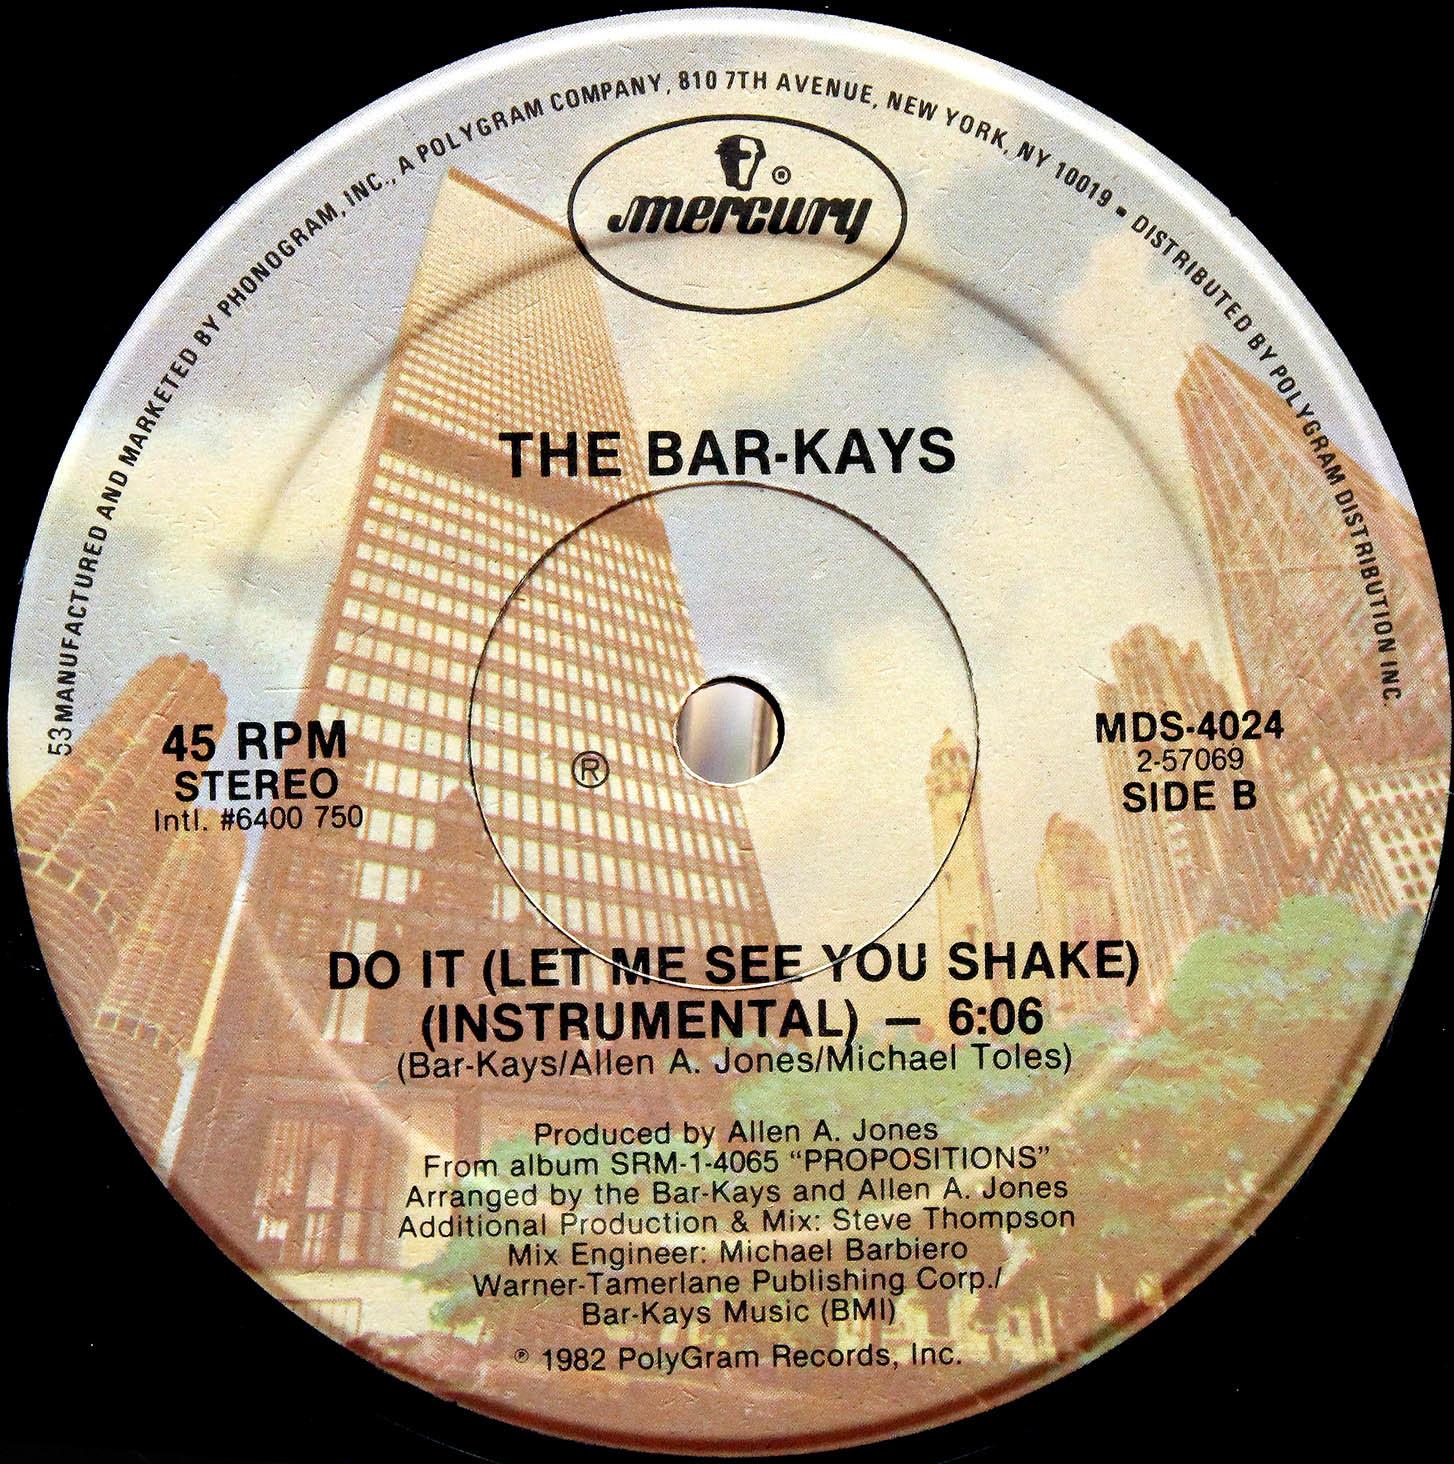 Bar-Kays - Do It 03